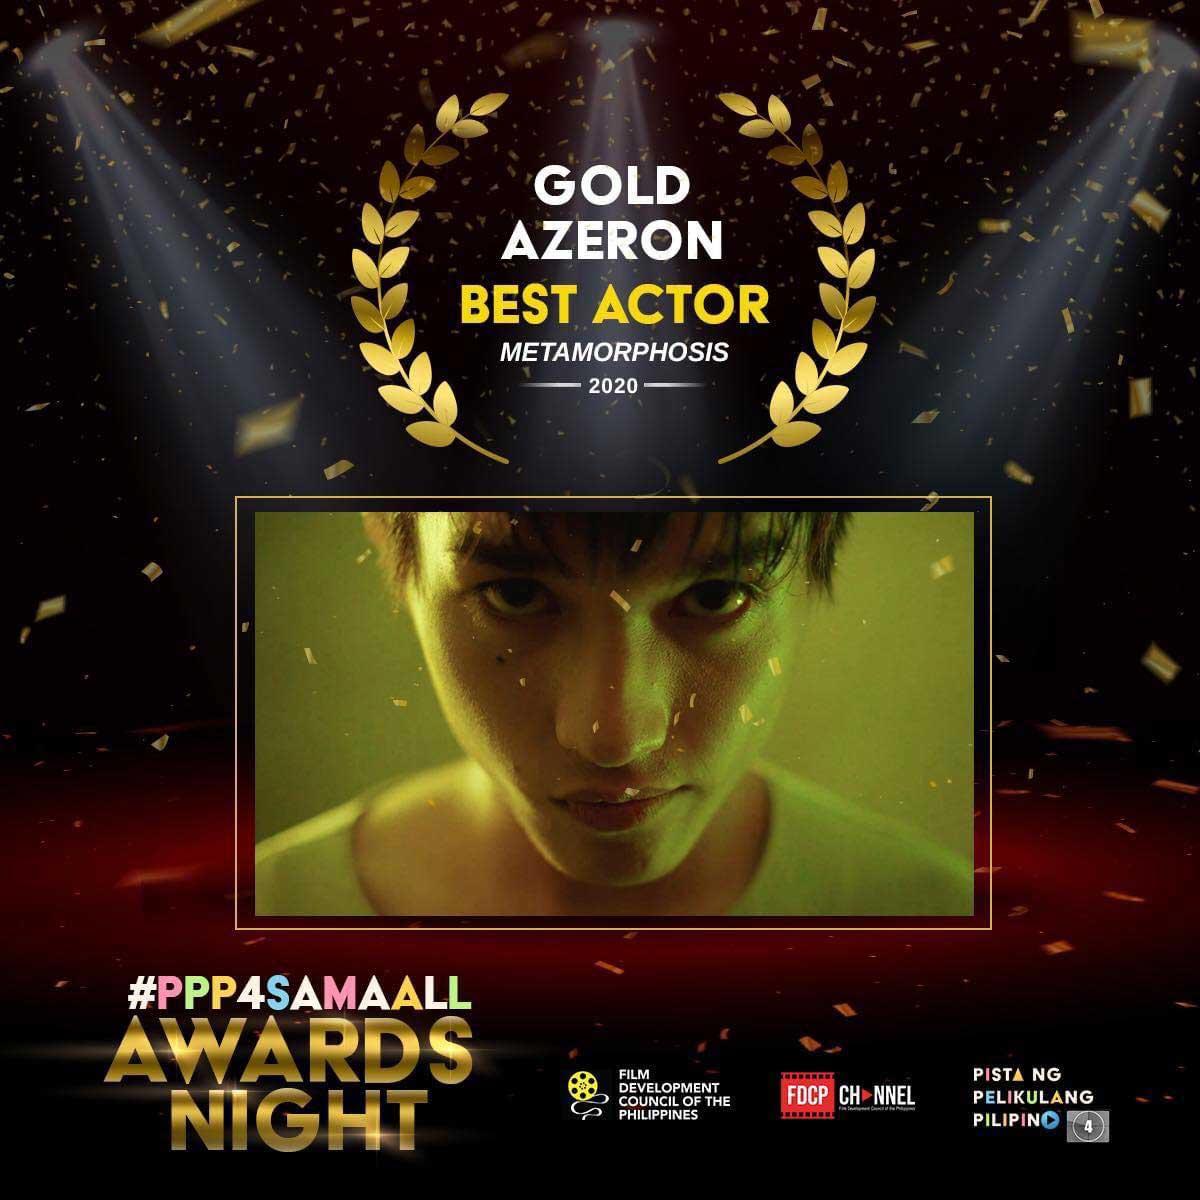 Gold Azeron wins Best Actor award at the 4th Pista ng Pelikulang Pilipino awards.